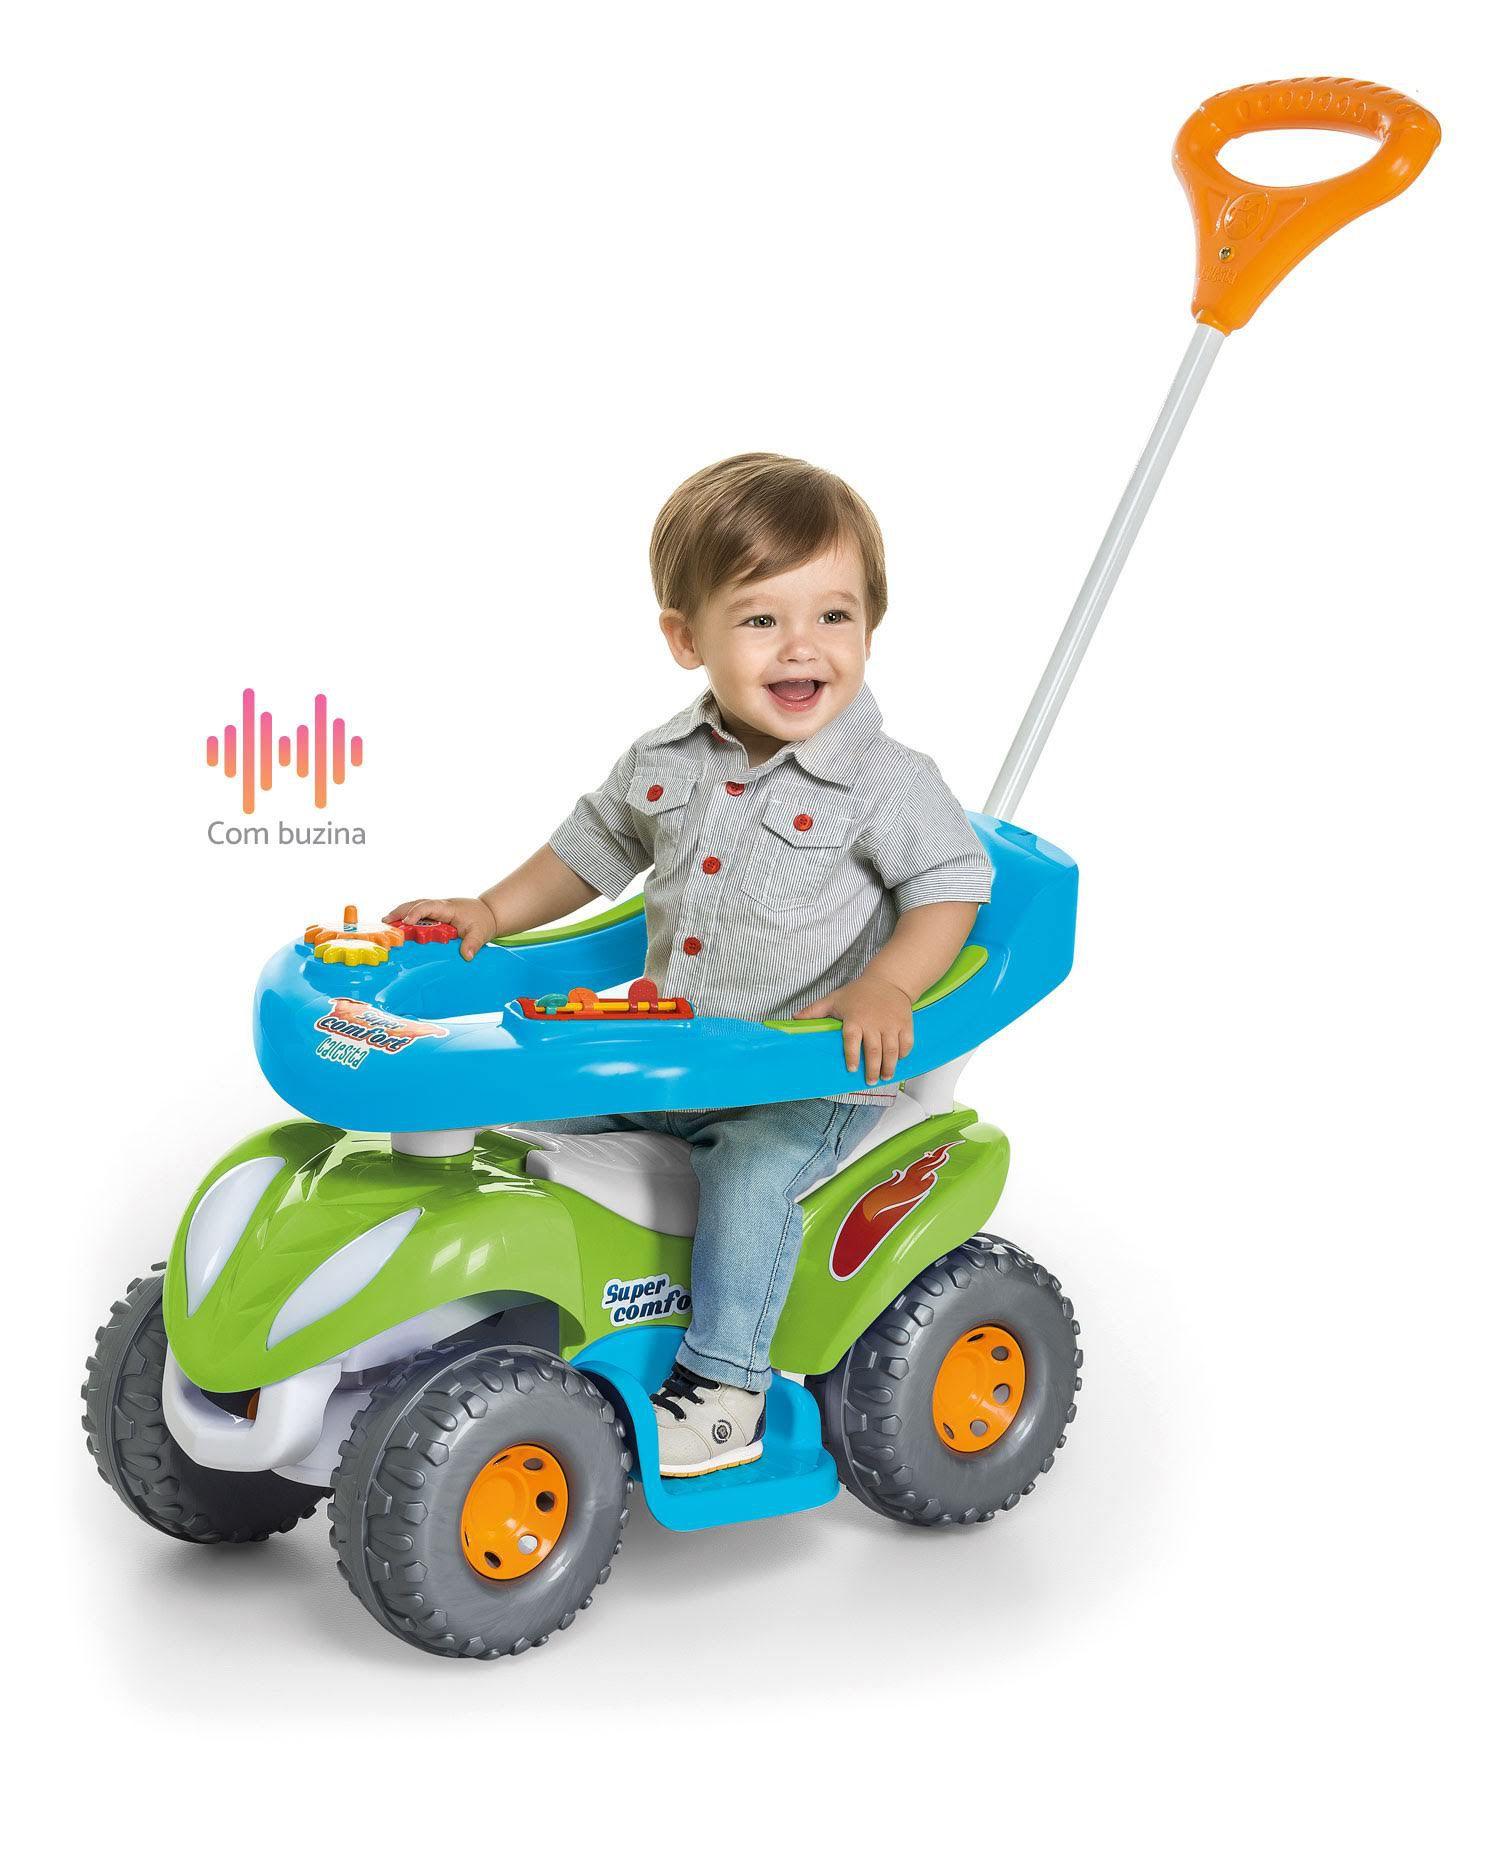 Carrinho De Passeio Comfort Quadriciclo Infantil Calesita